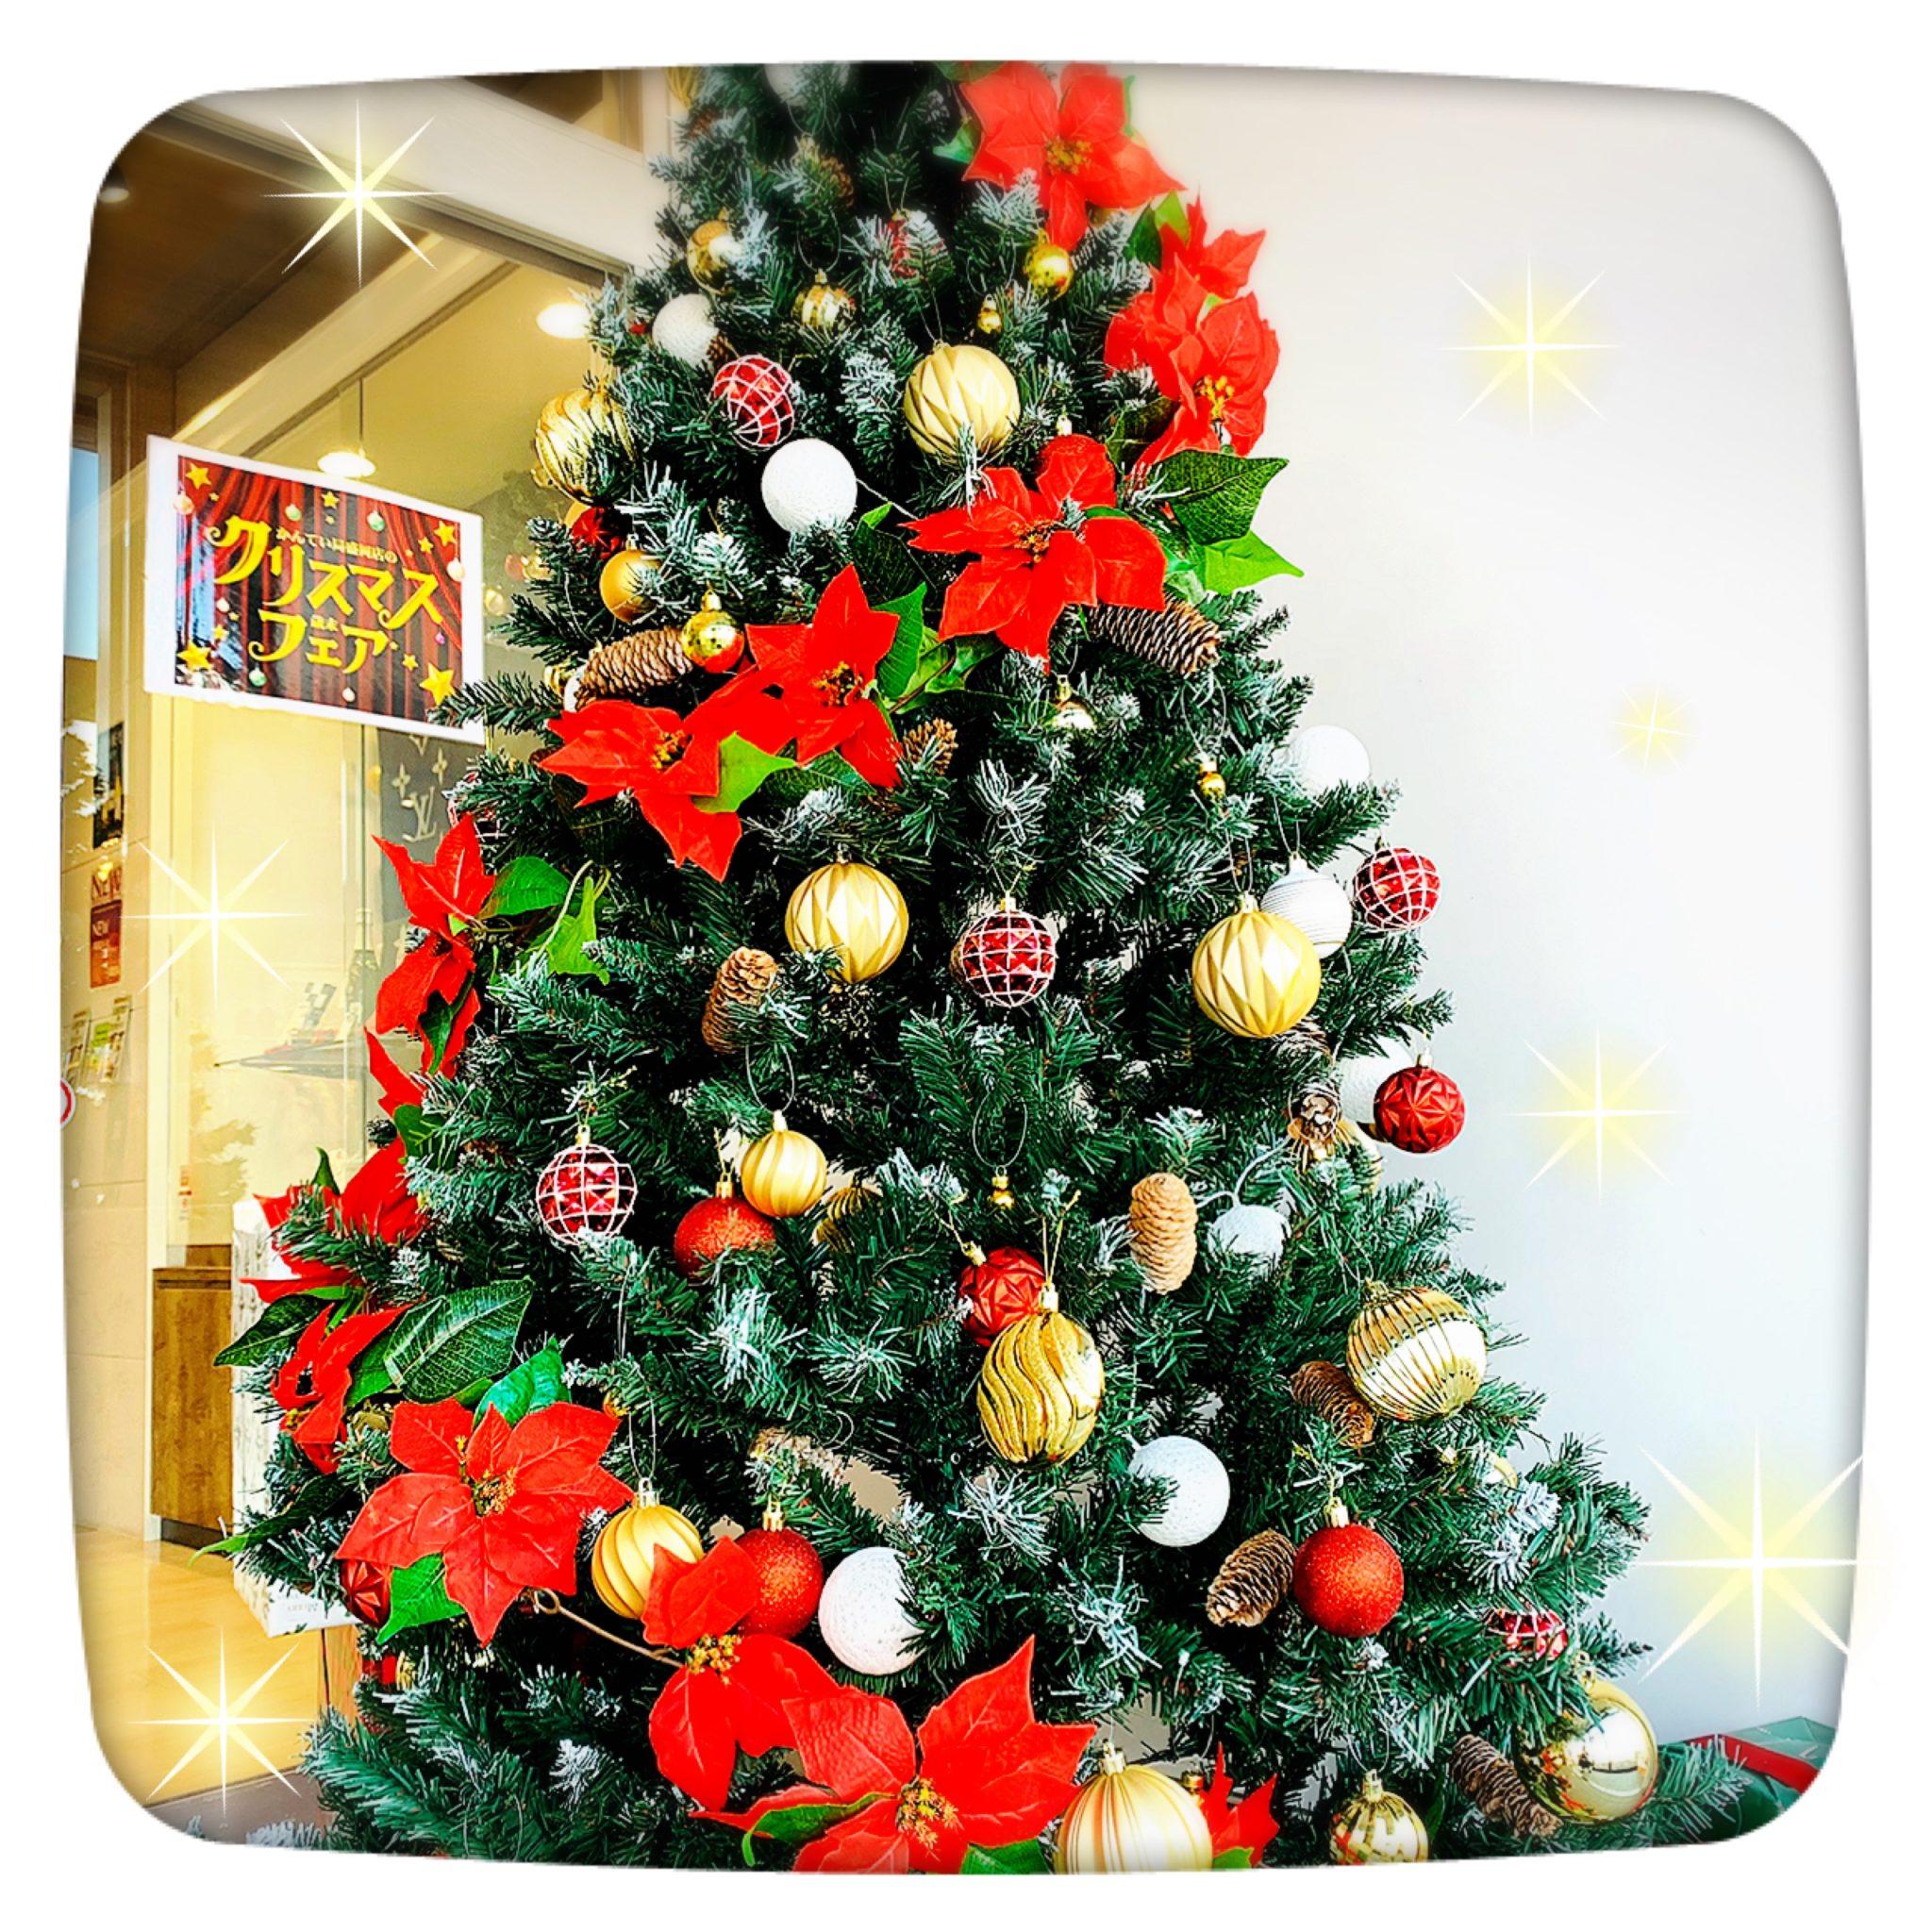 【ブランド 販売 盛岡】本日12/1~12/25までの期間【クリスマスフェア】を開催いたします🎄